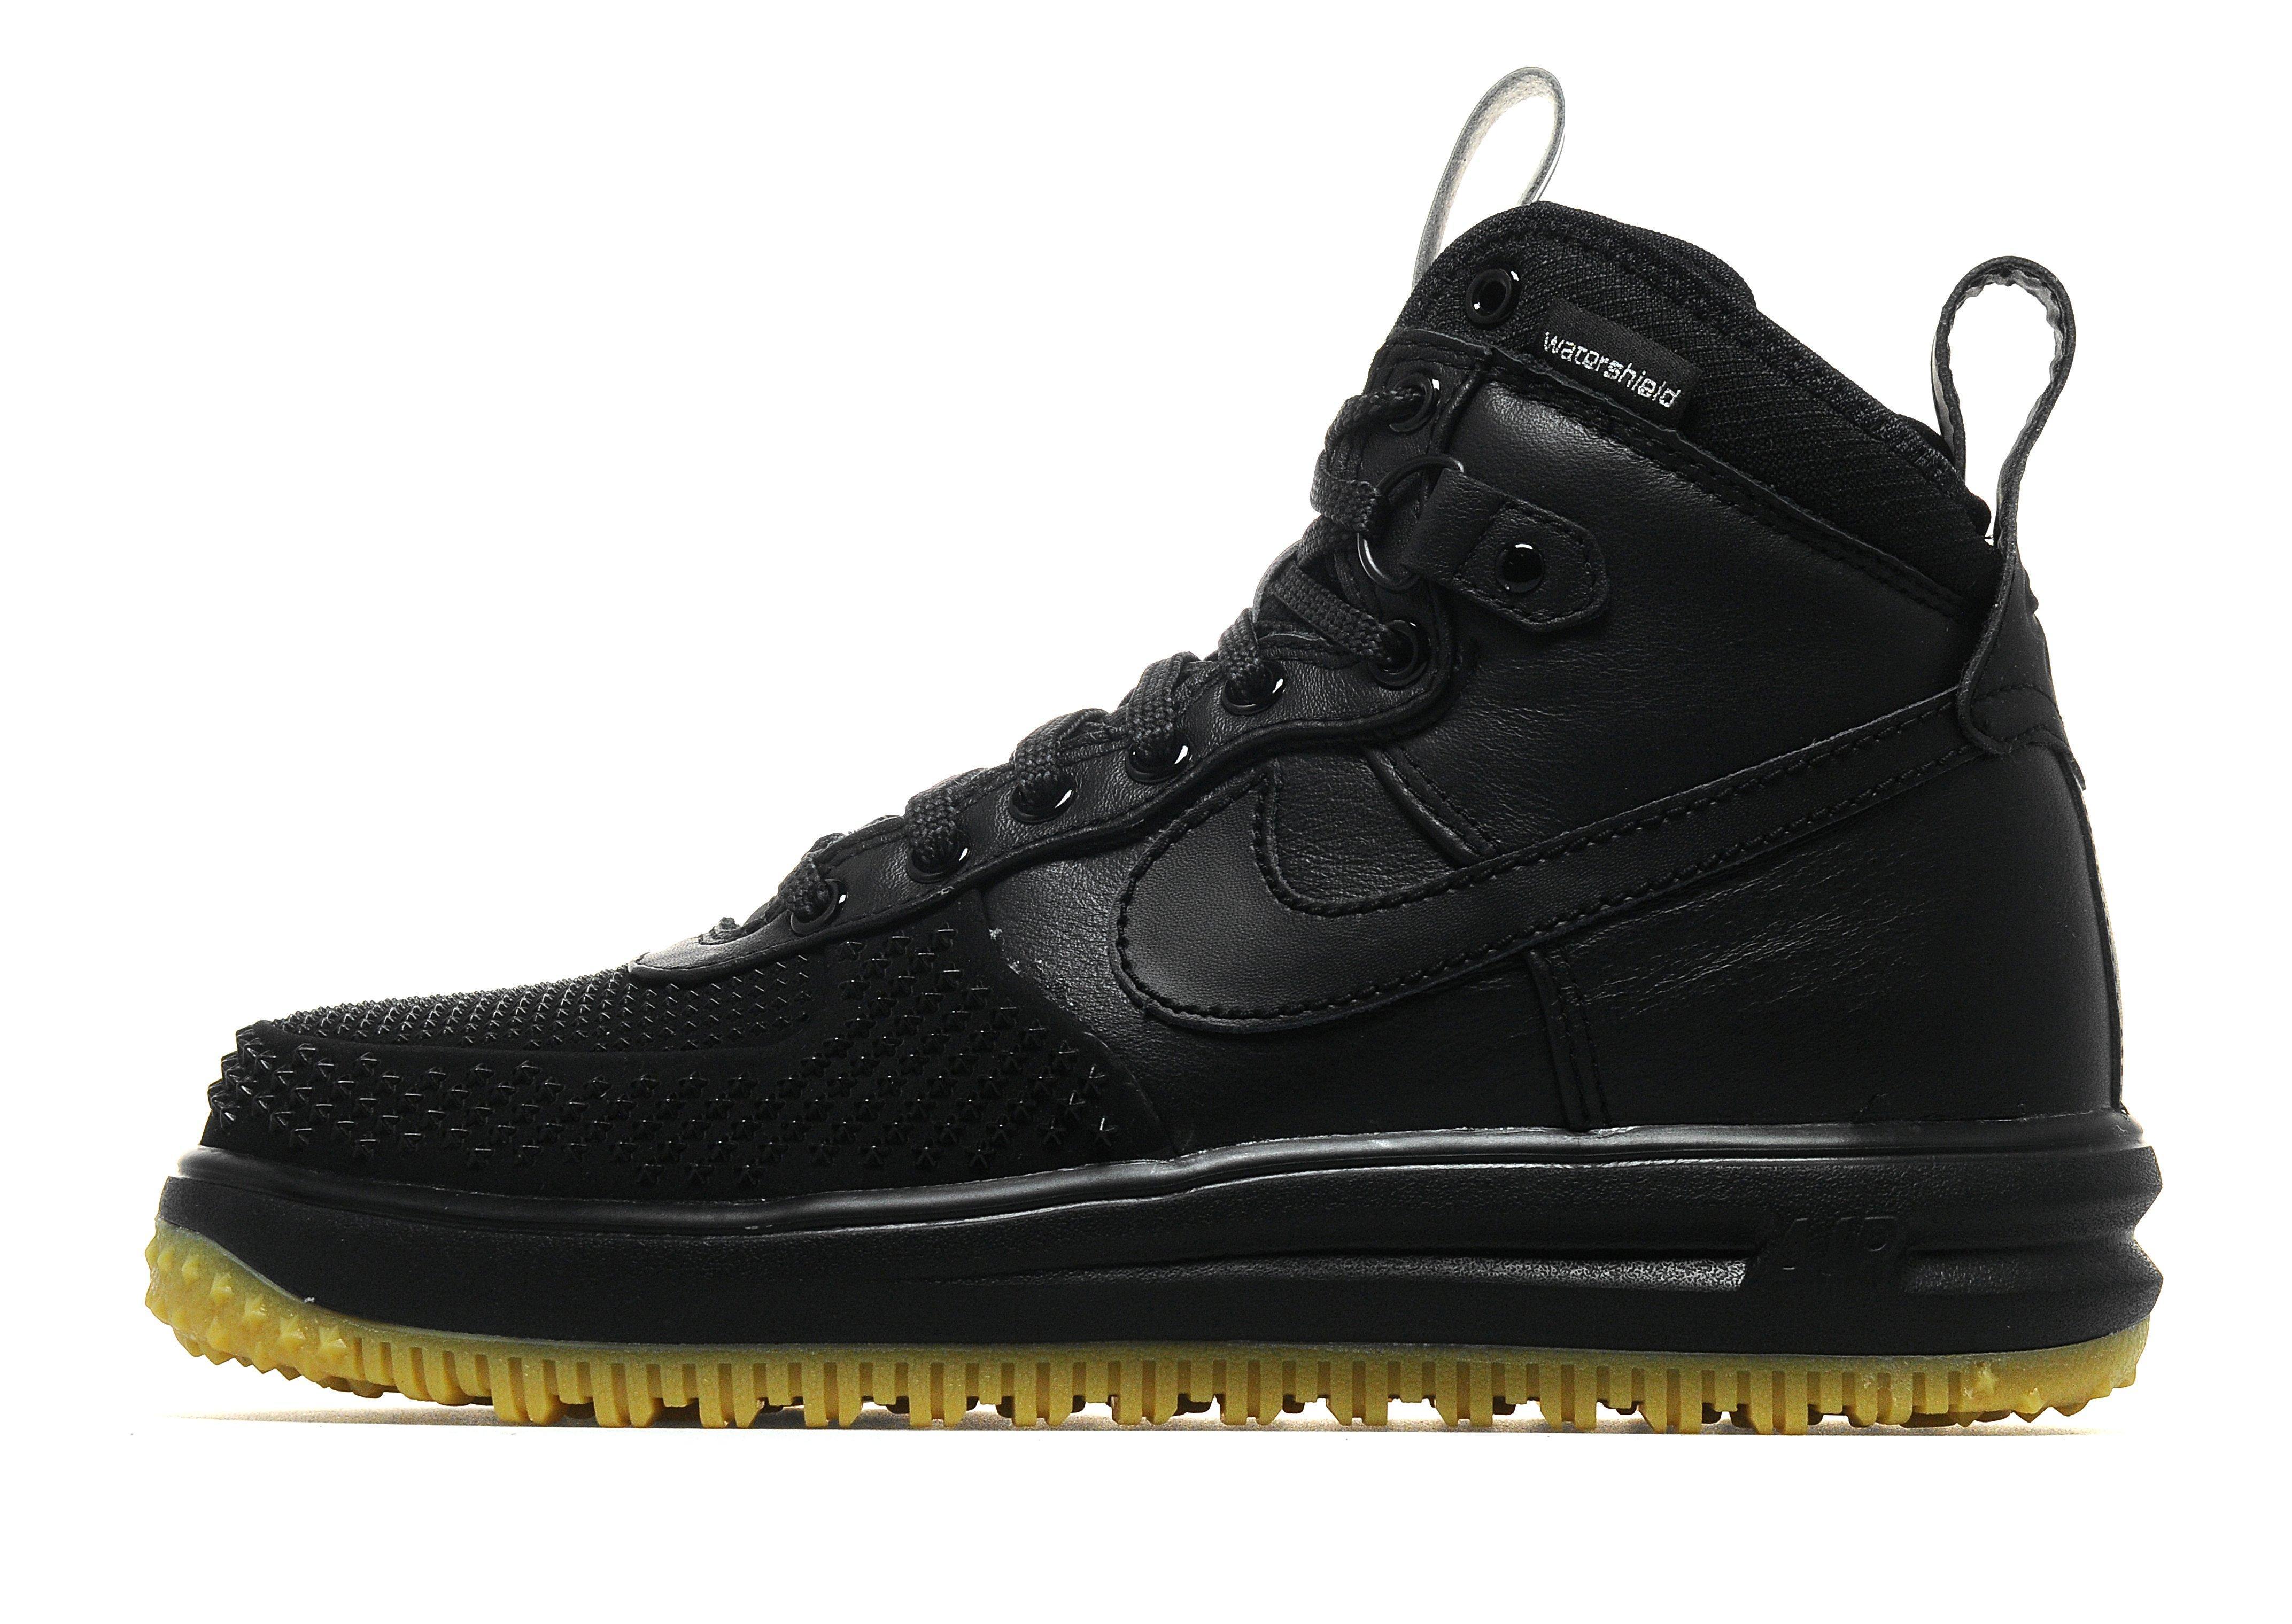 1d952ba615a26 Lyst - Nike Lunar Force 1 Duckboot in Black for Men